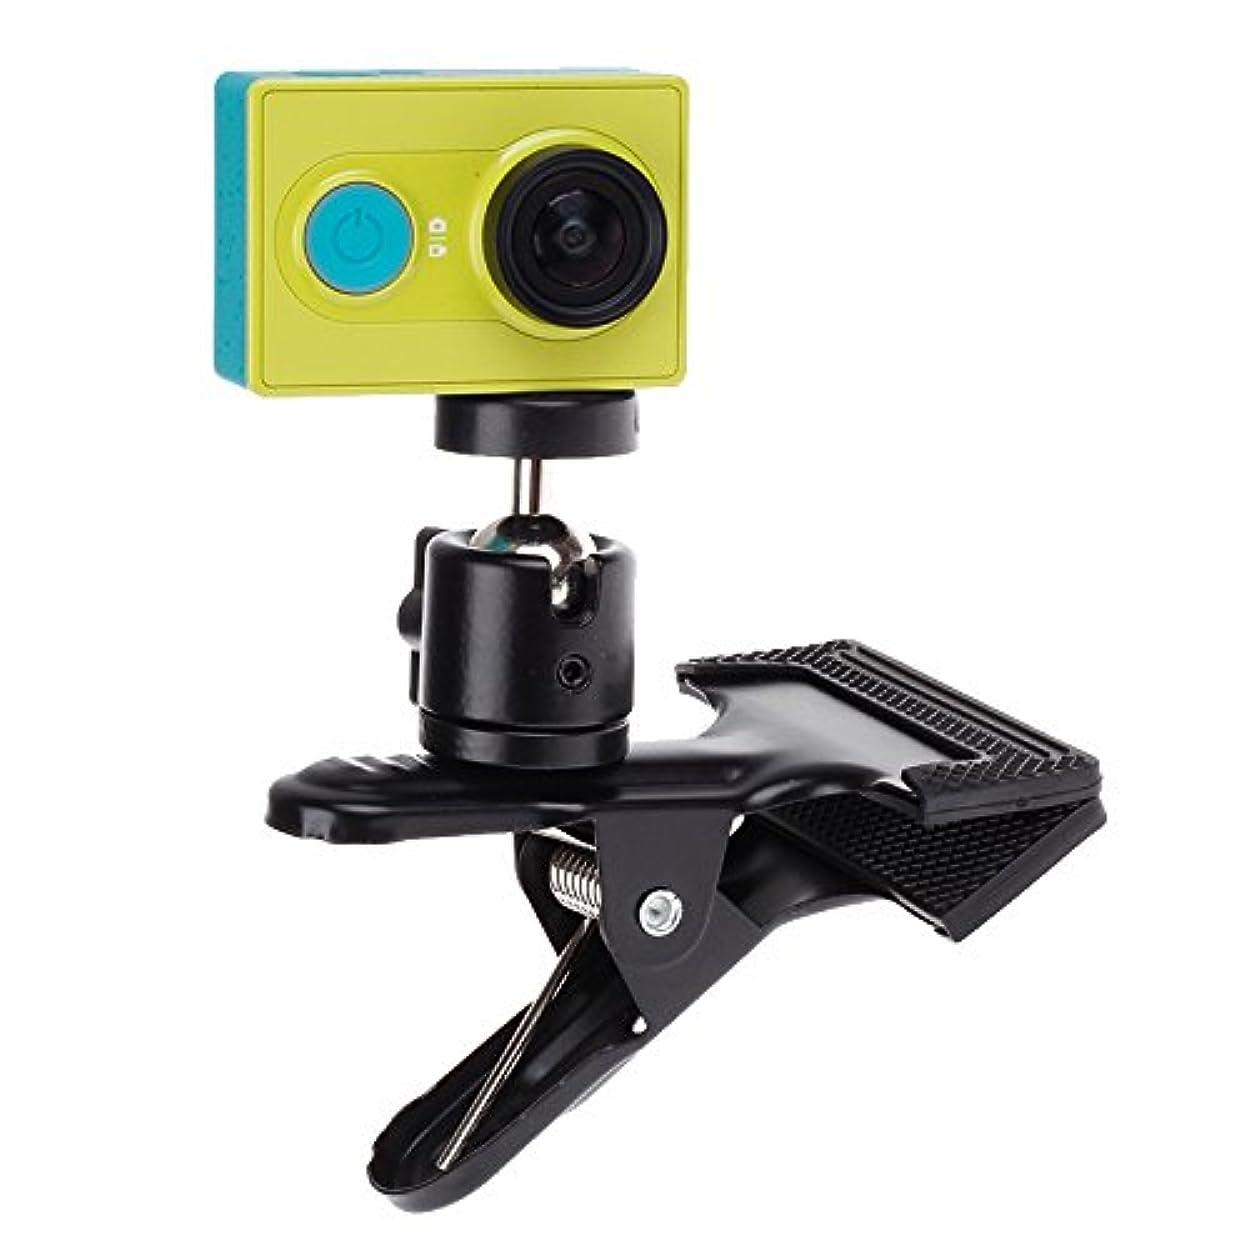 要件隣接する独立GzPuluz カメラアクセサリー Xiaomi Yi スポーツカメラの360度回転バックパックハットクリップファストクランプマウント